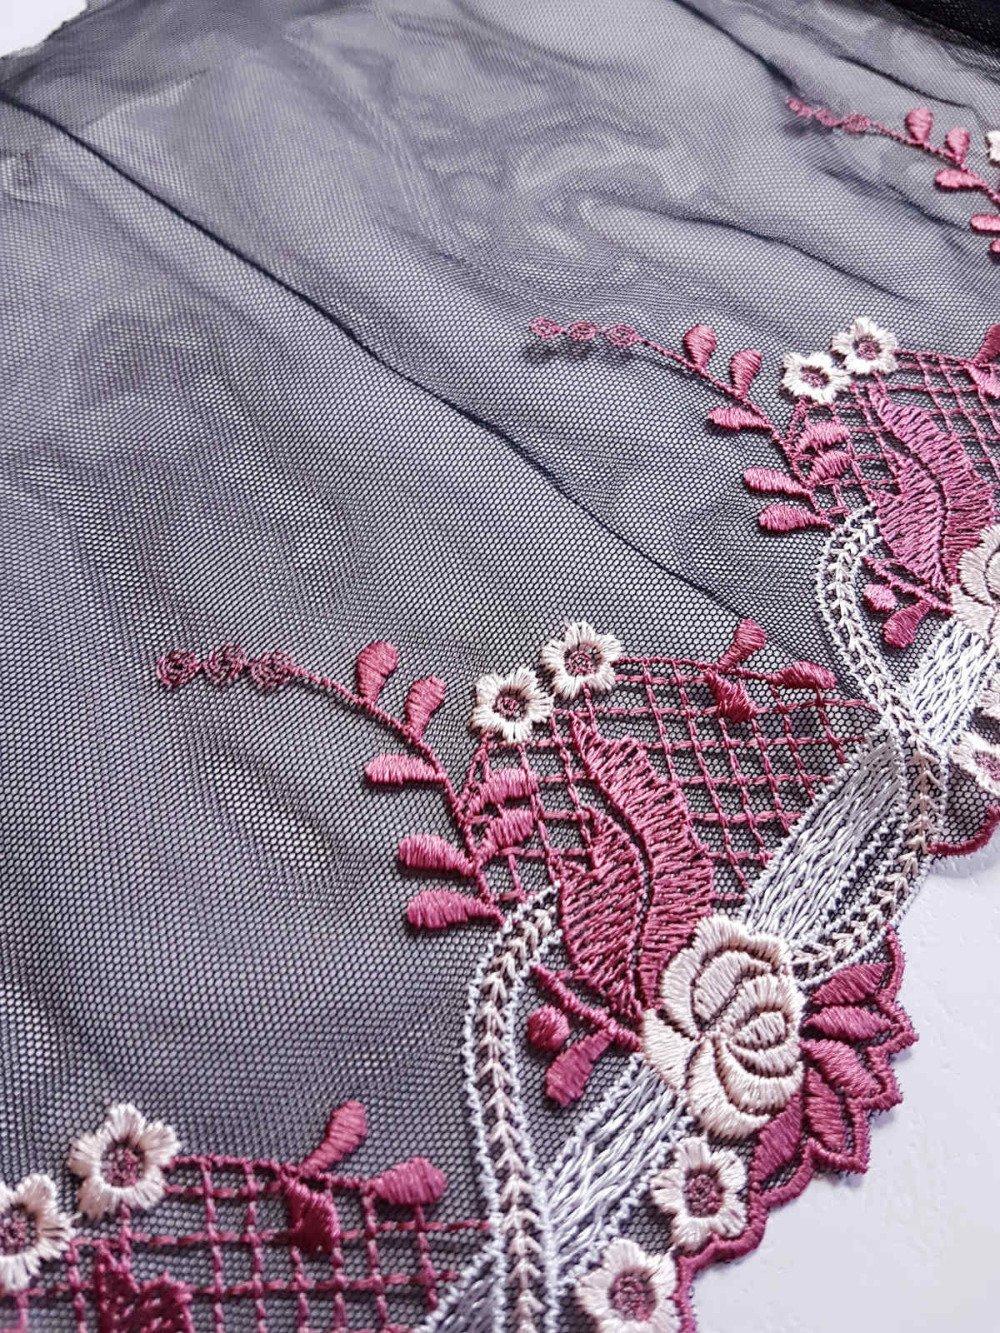 x1m jolie dentelle broderie sur tulle noir floral  largeur 21cm